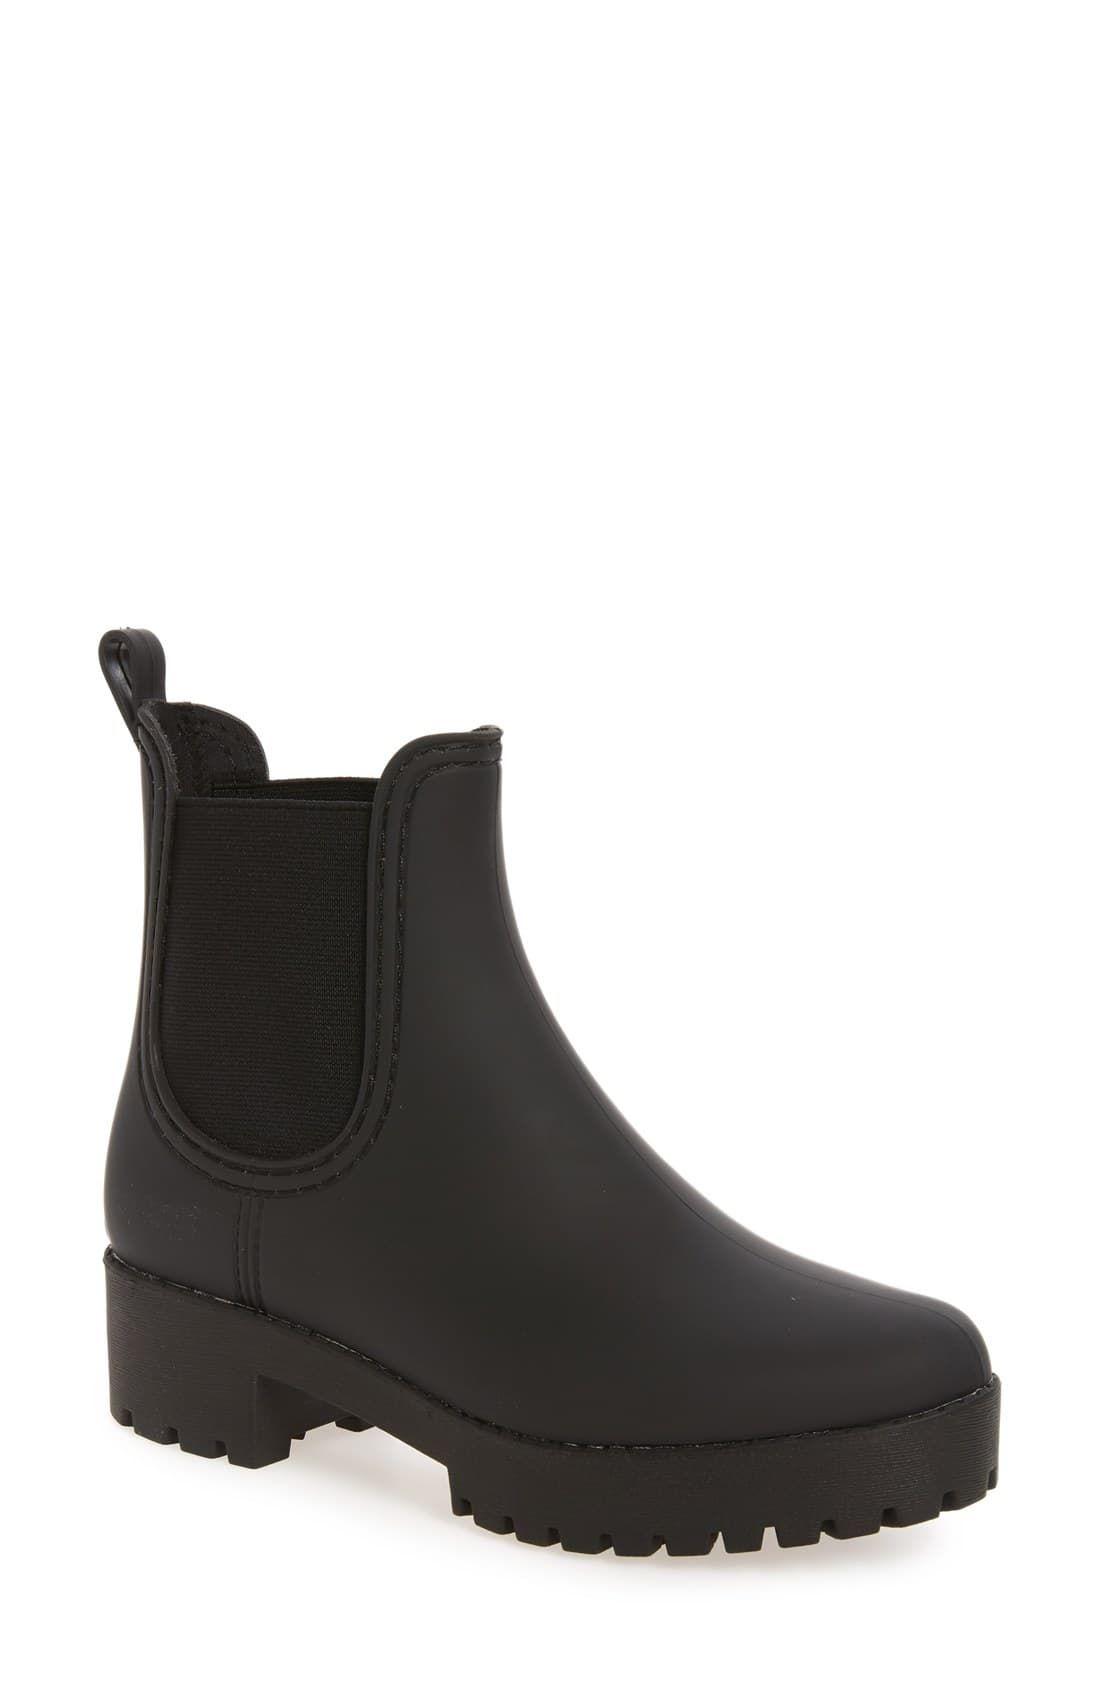 14 Best Rain Boots For Women 2020